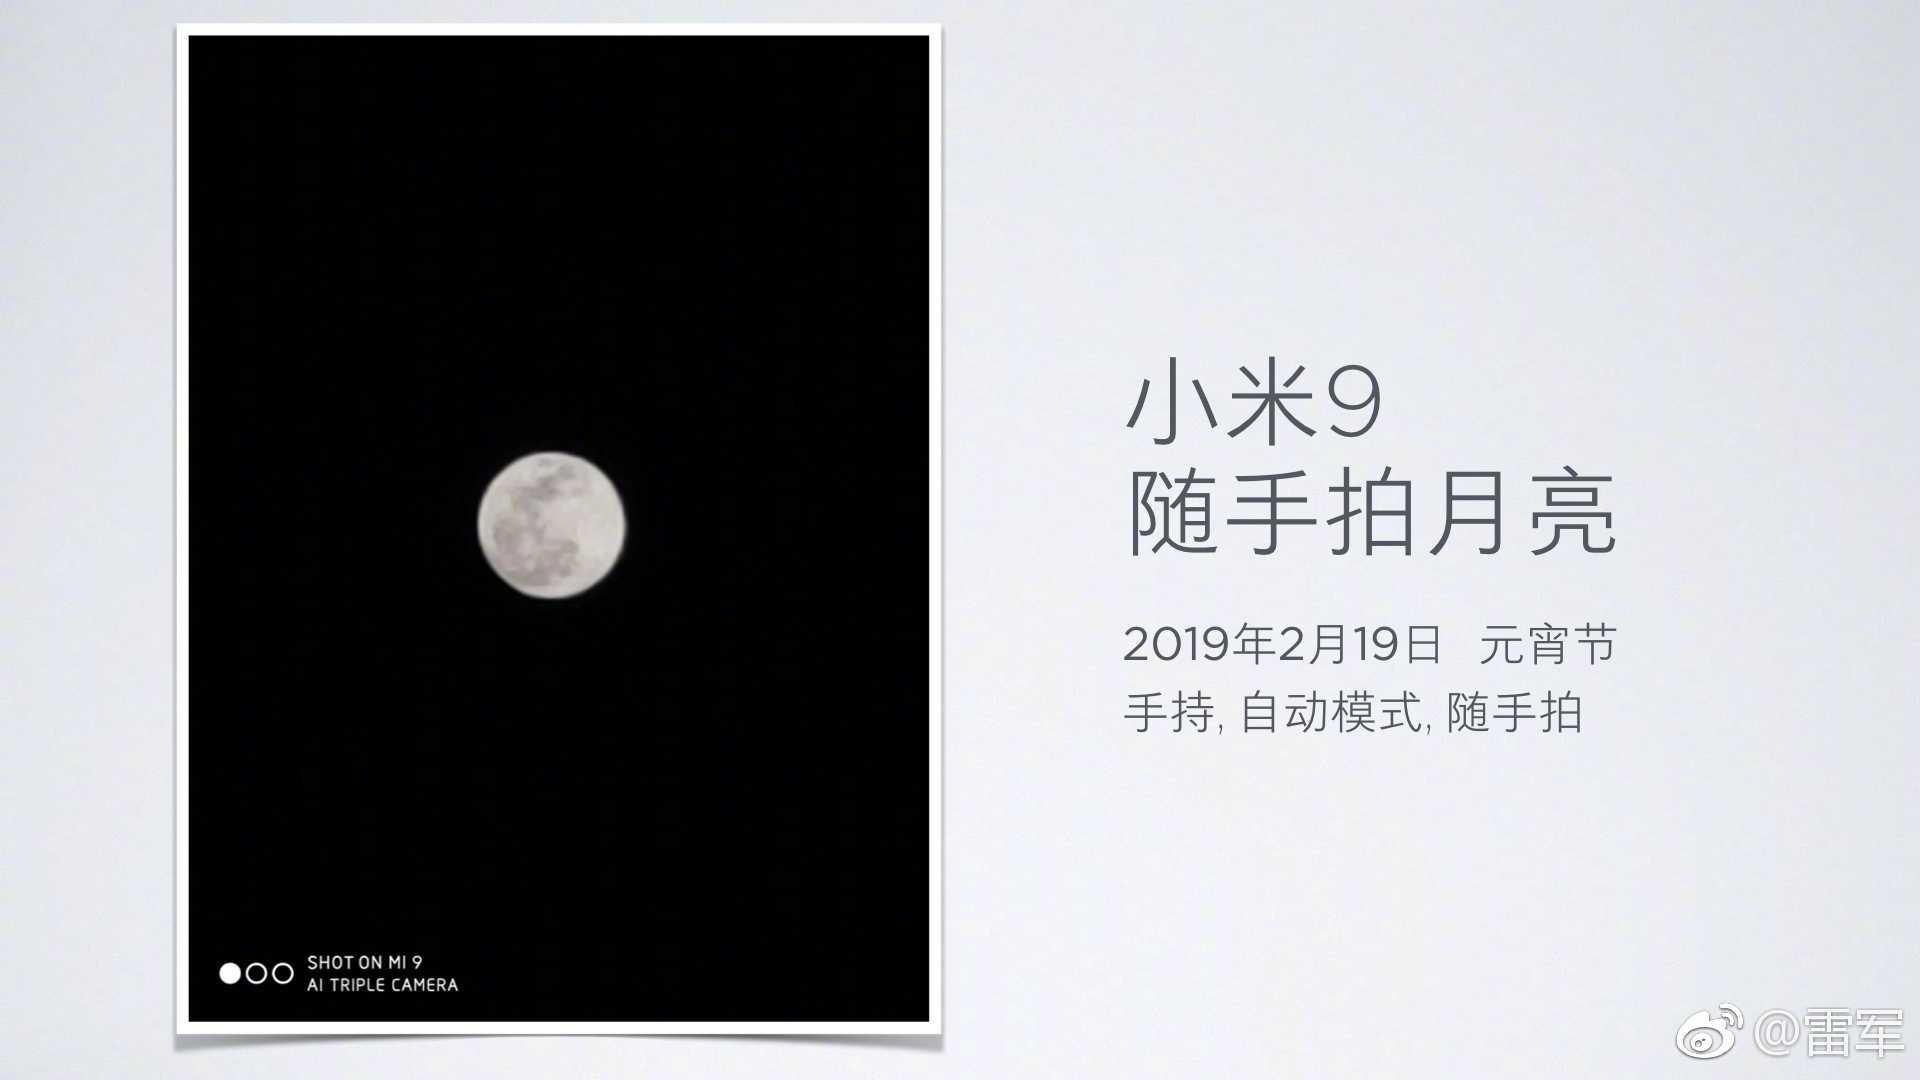 В рамках премьеры новых смартфонов P30 и Huawei P30 Pro представители бренда сообщили о запуске интеллектуальных функций HiVision Напомним что анонс умного помощника